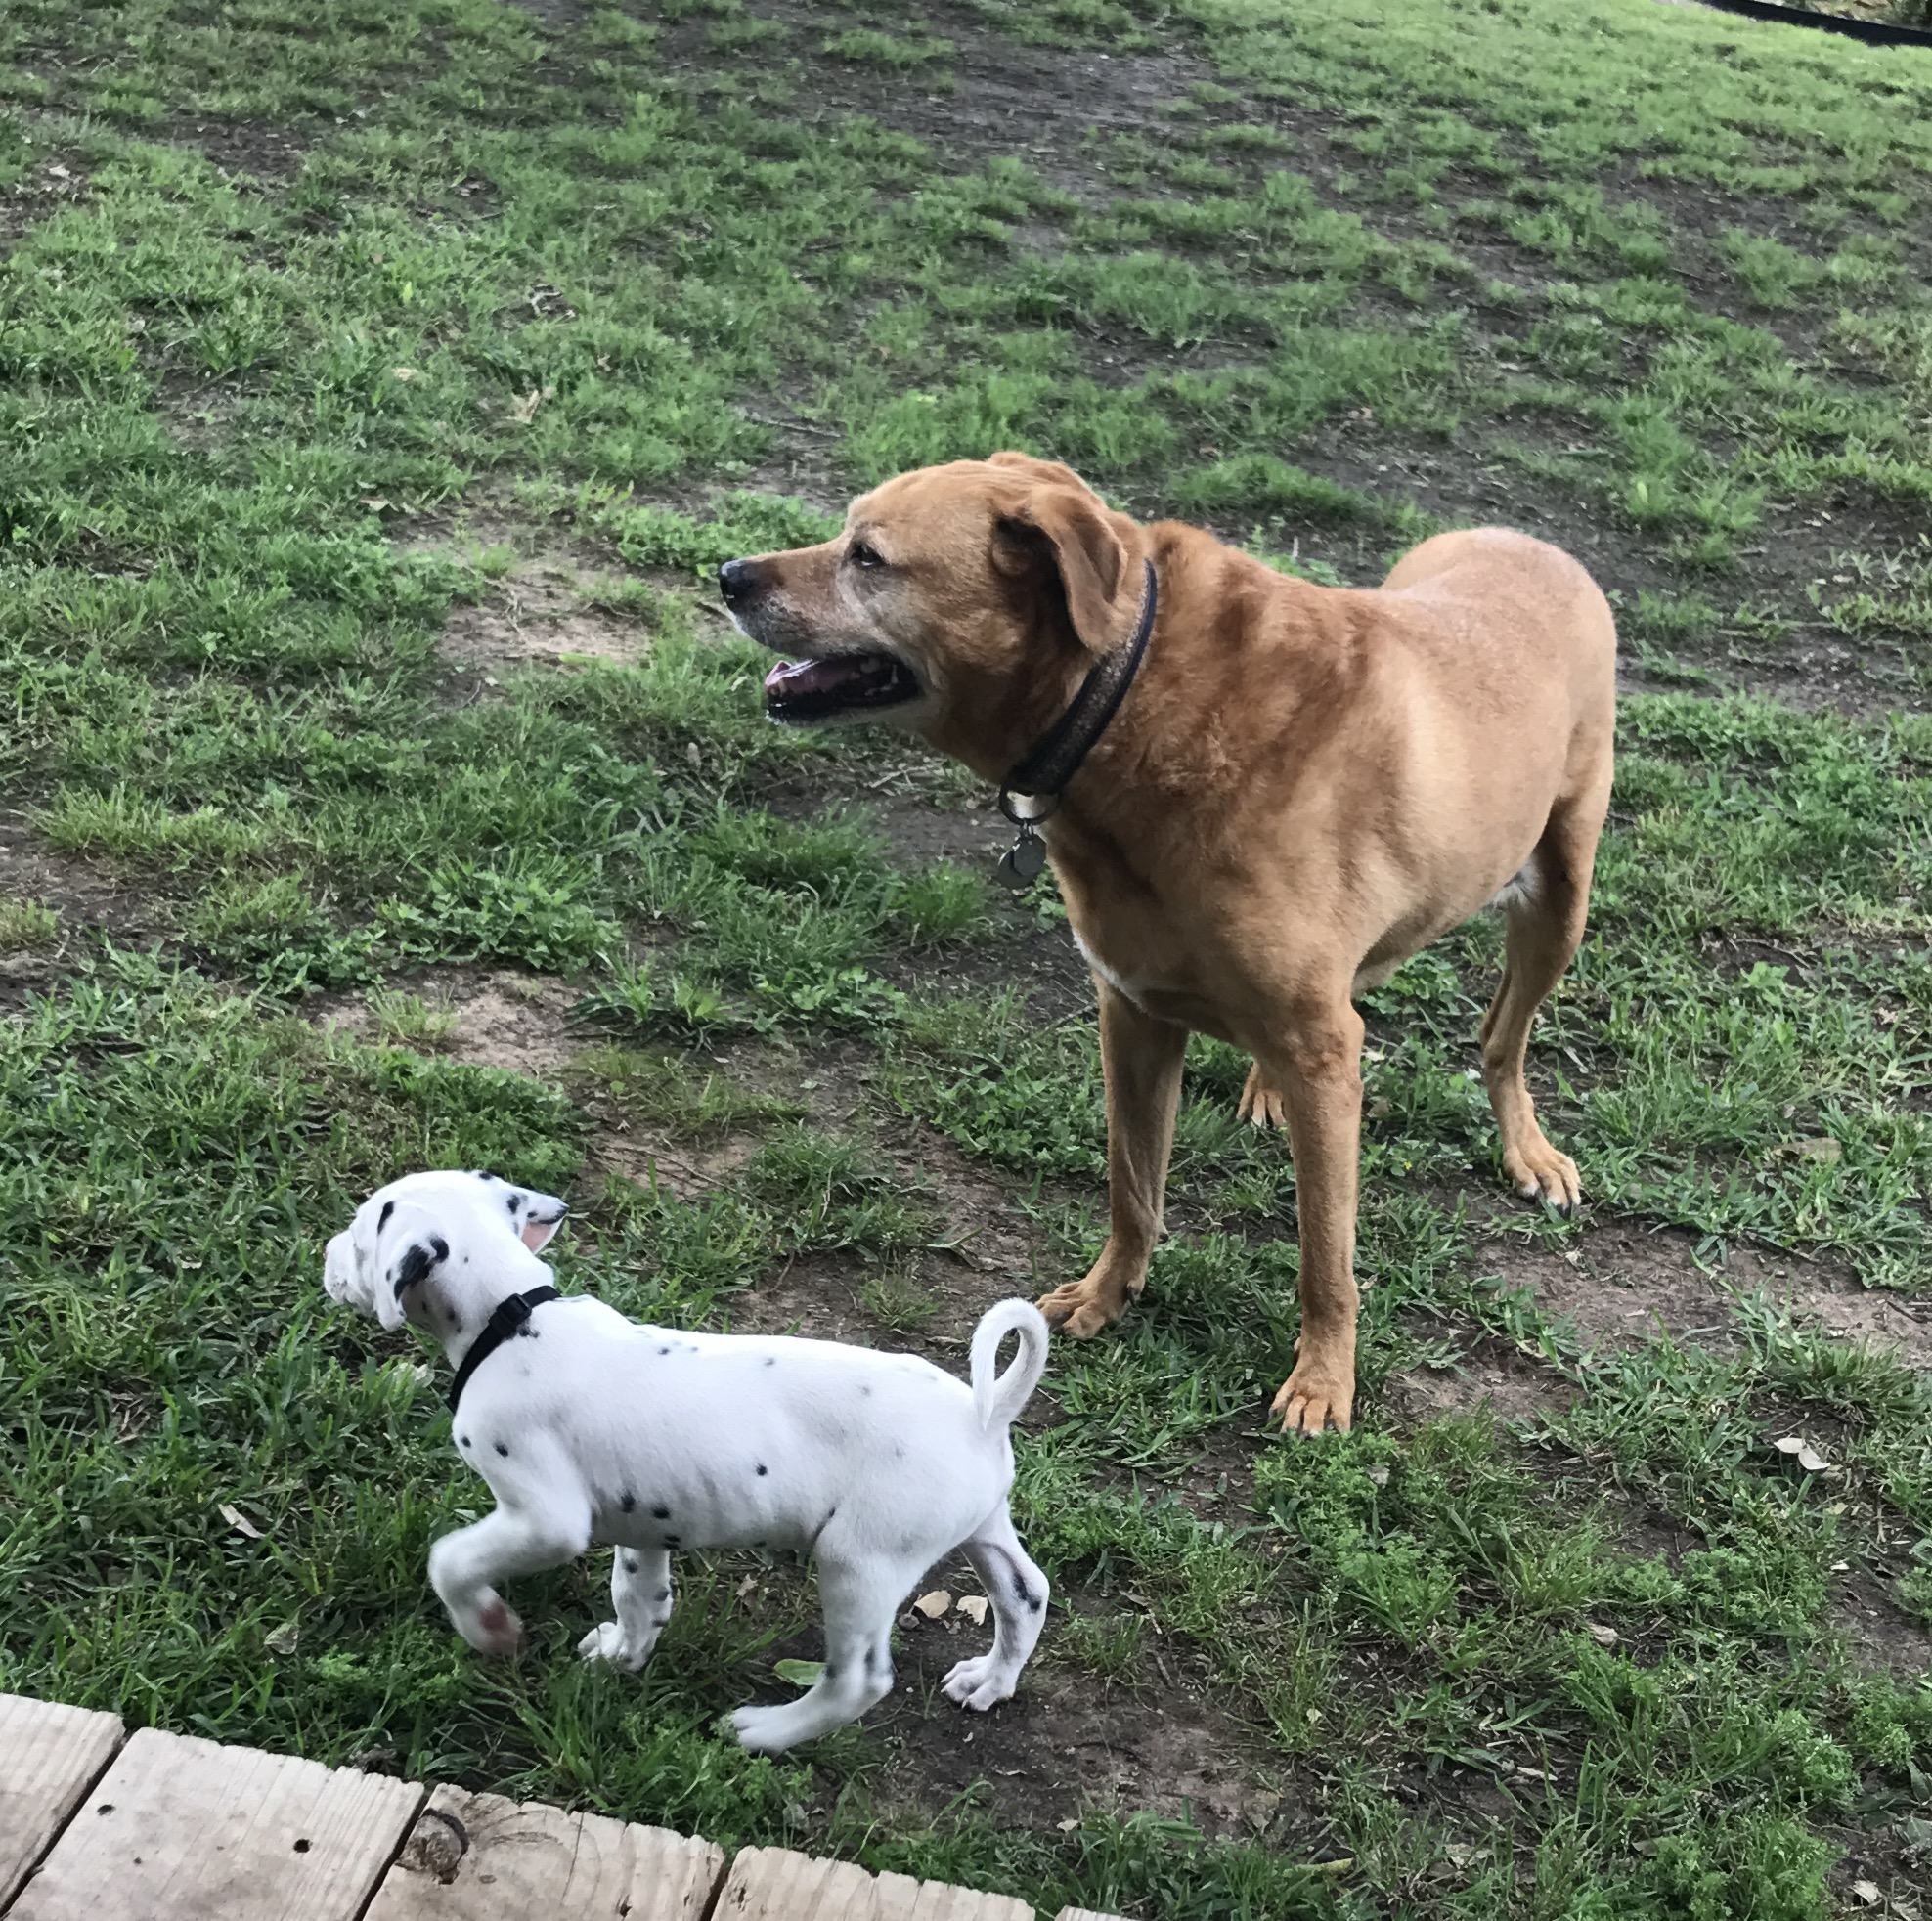 baxter & puppy